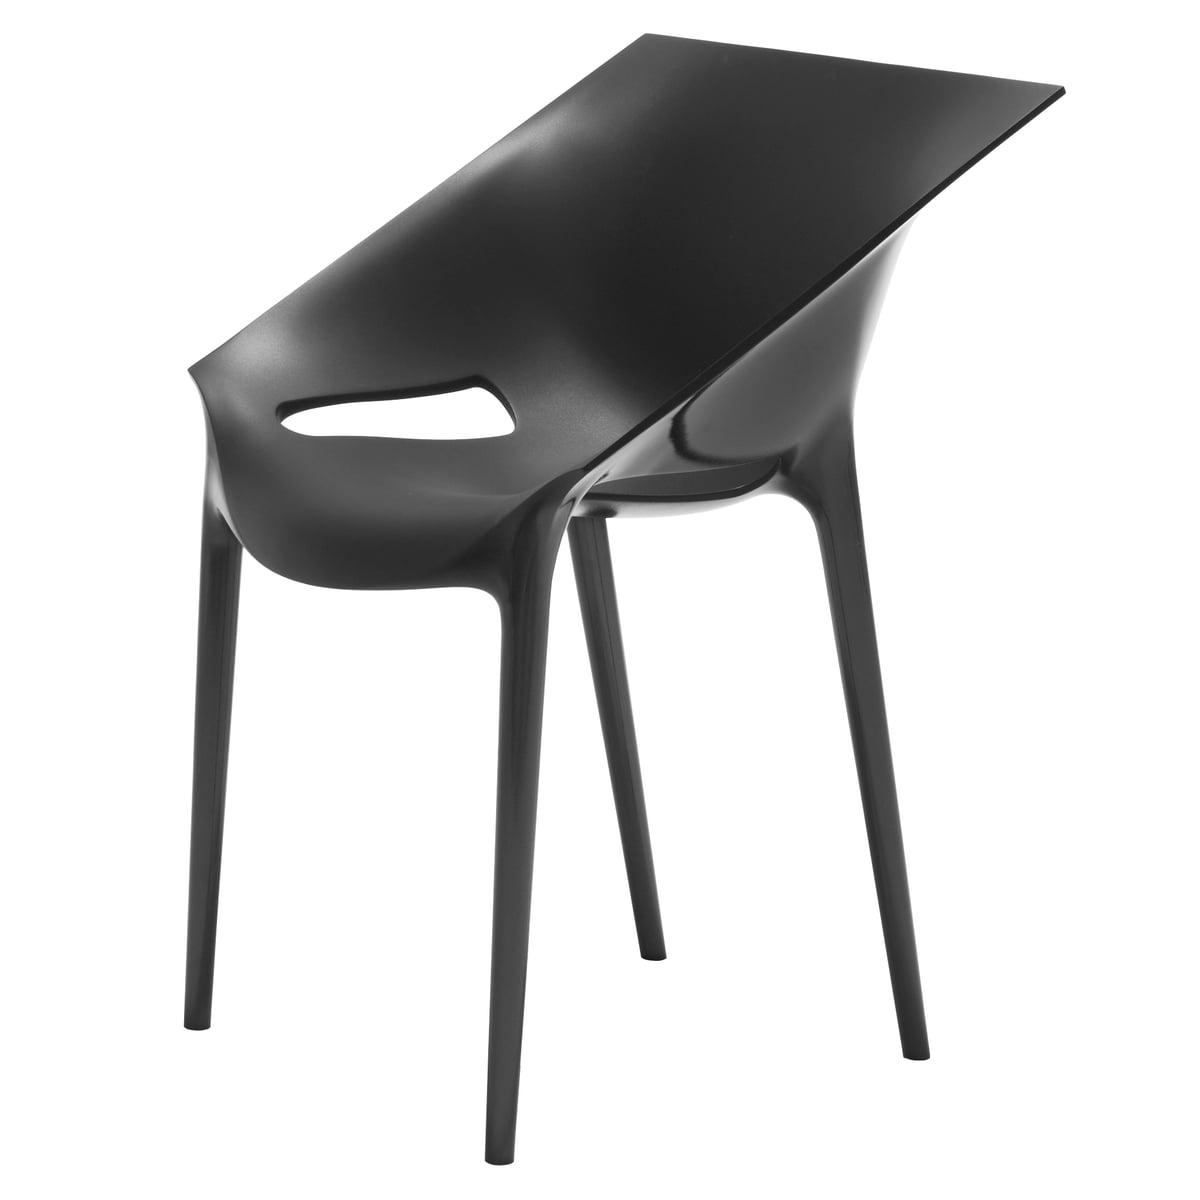 dr yes stuhl kartell shop. Black Bedroom Furniture Sets. Home Design Ideas